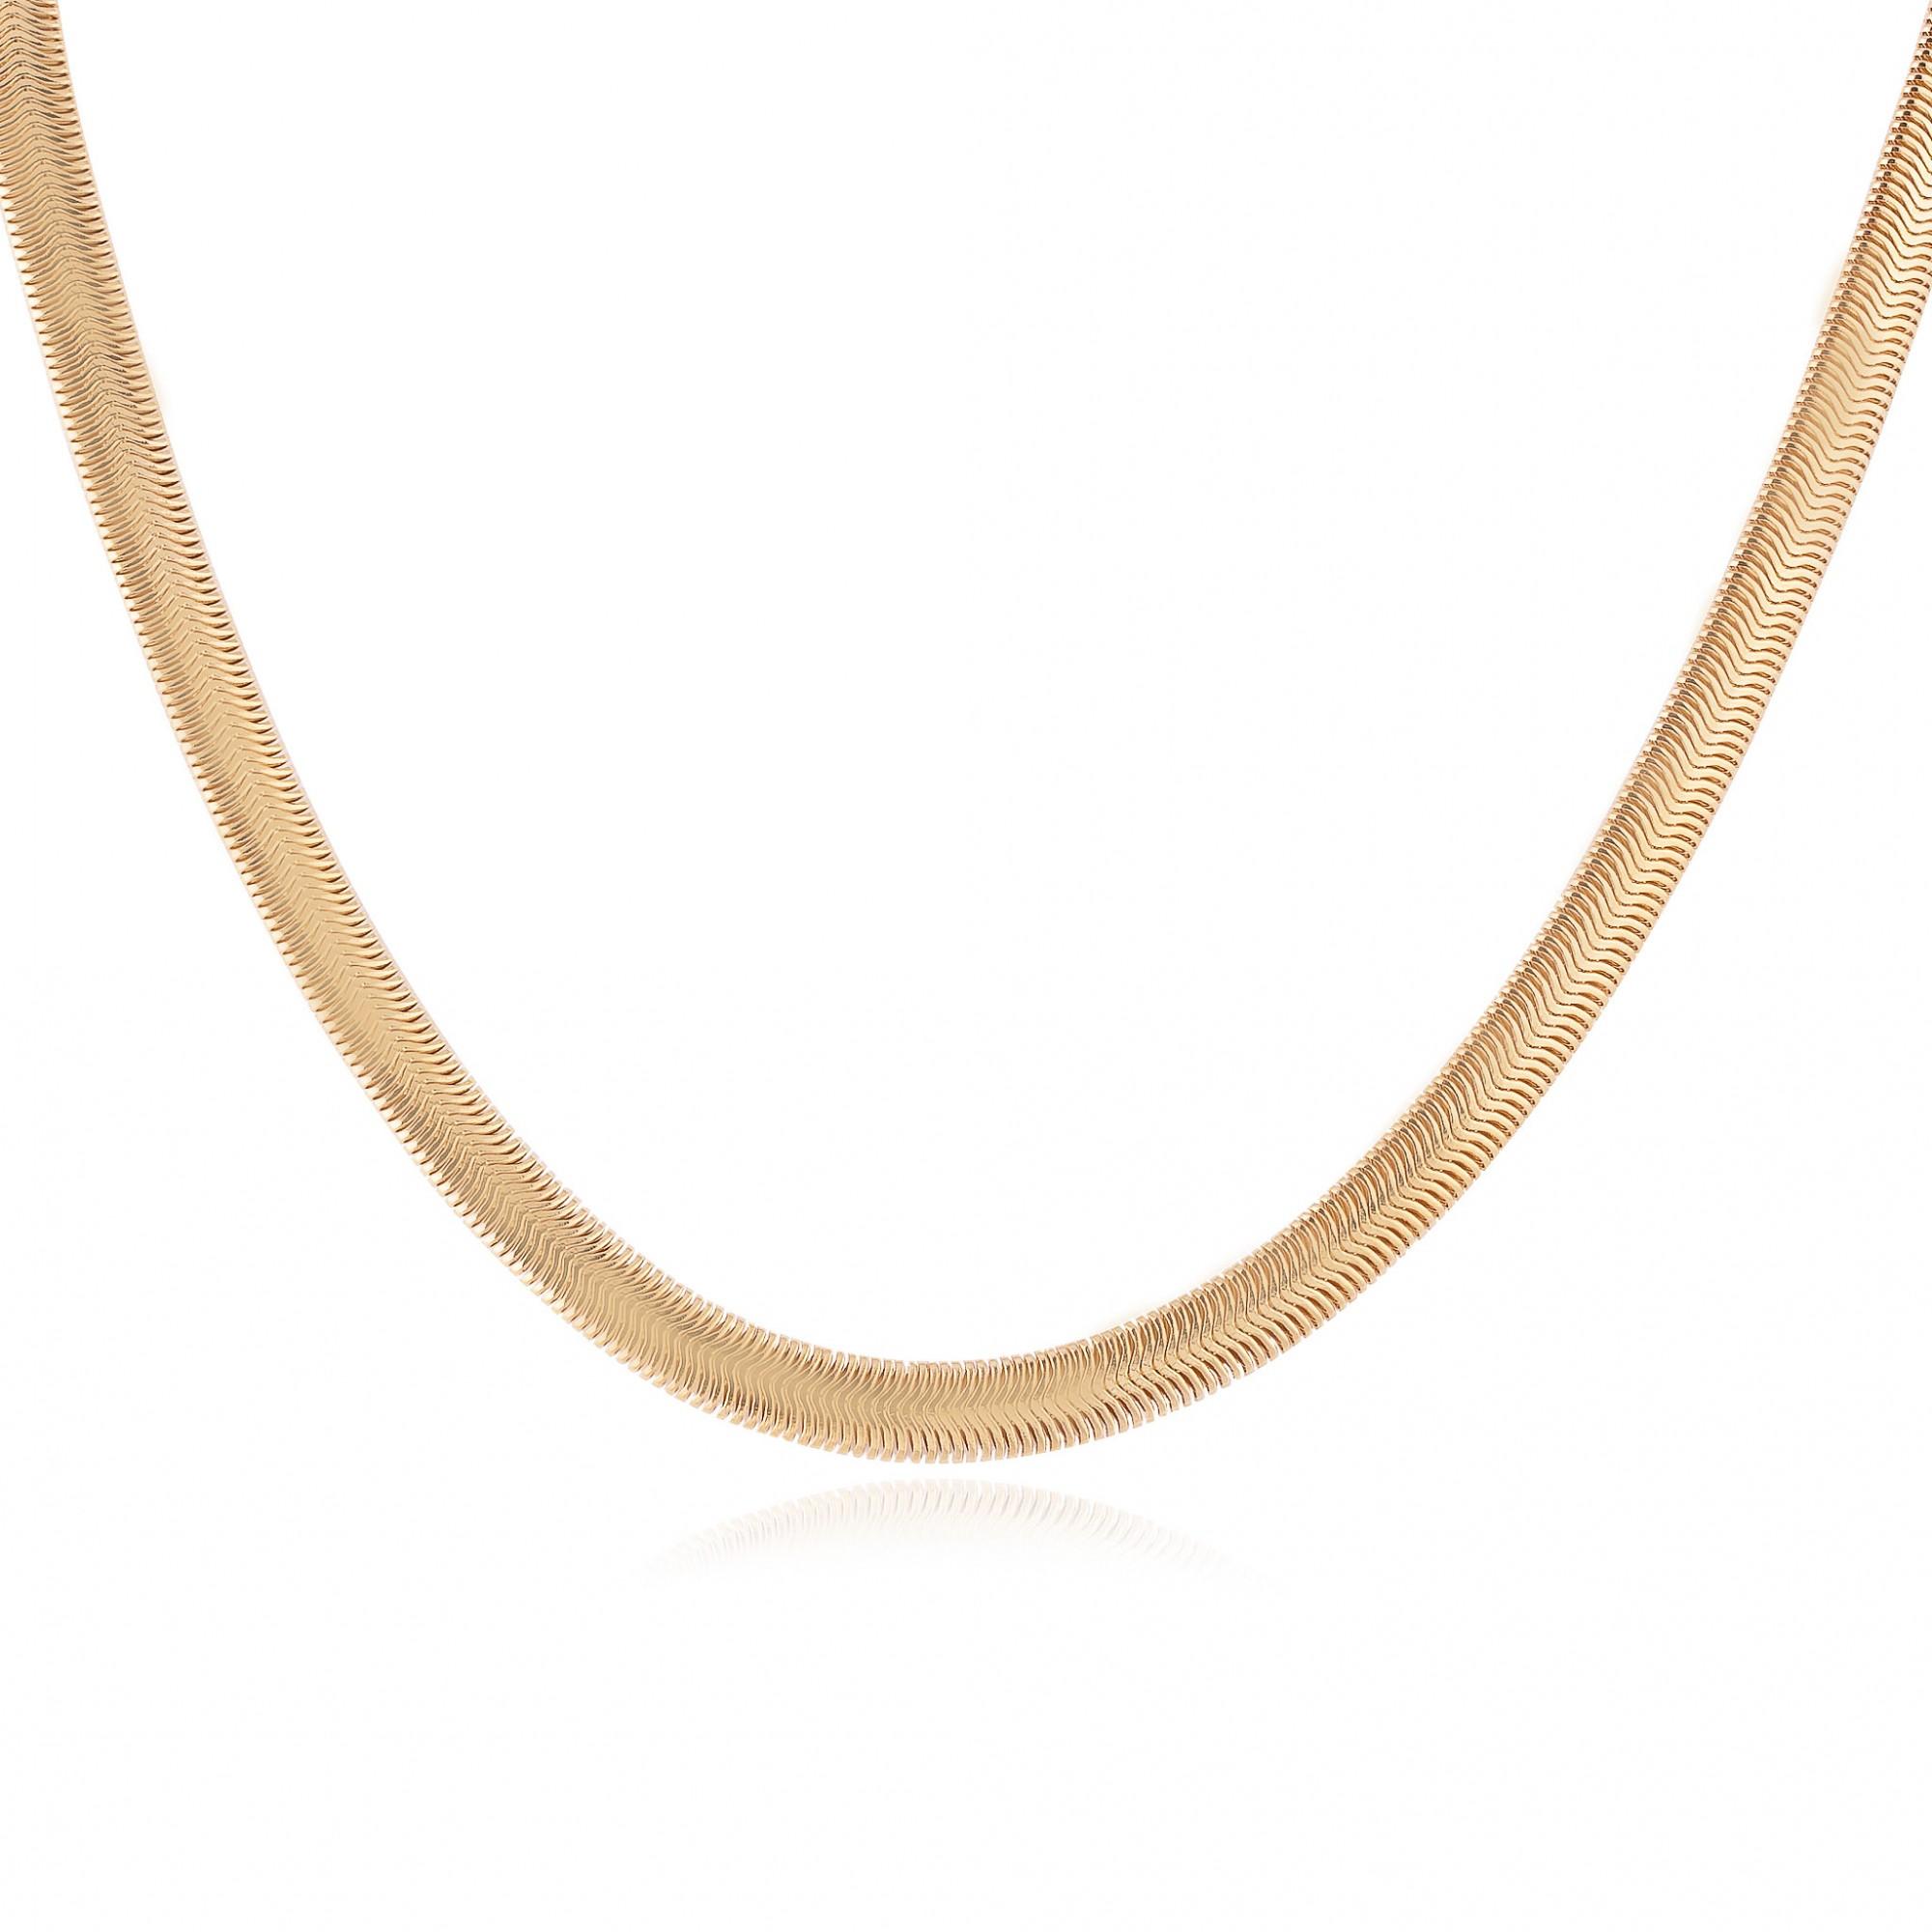 Colar choker esteira banhado a ouro 18k.  - bfdecor.com.br